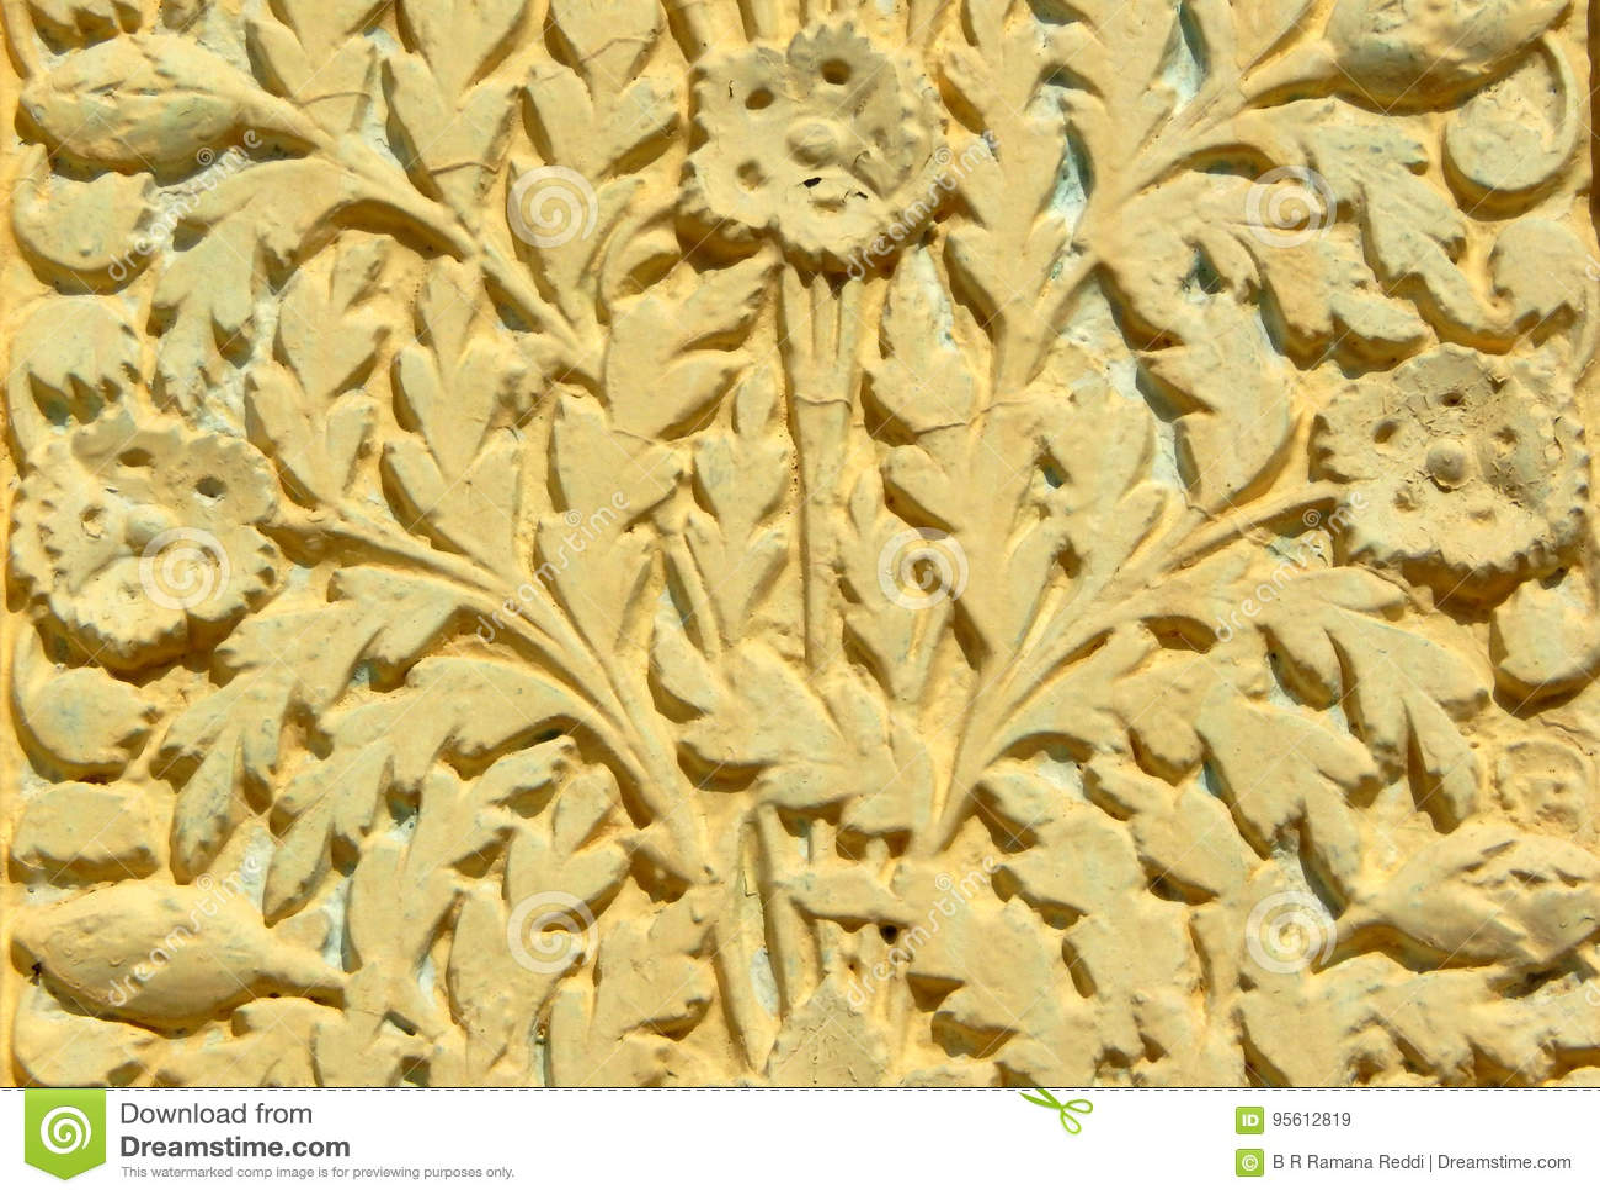 Работа штукатурки искусства стены флористических дизайнов на экстерьерах 200-ти летнего виска